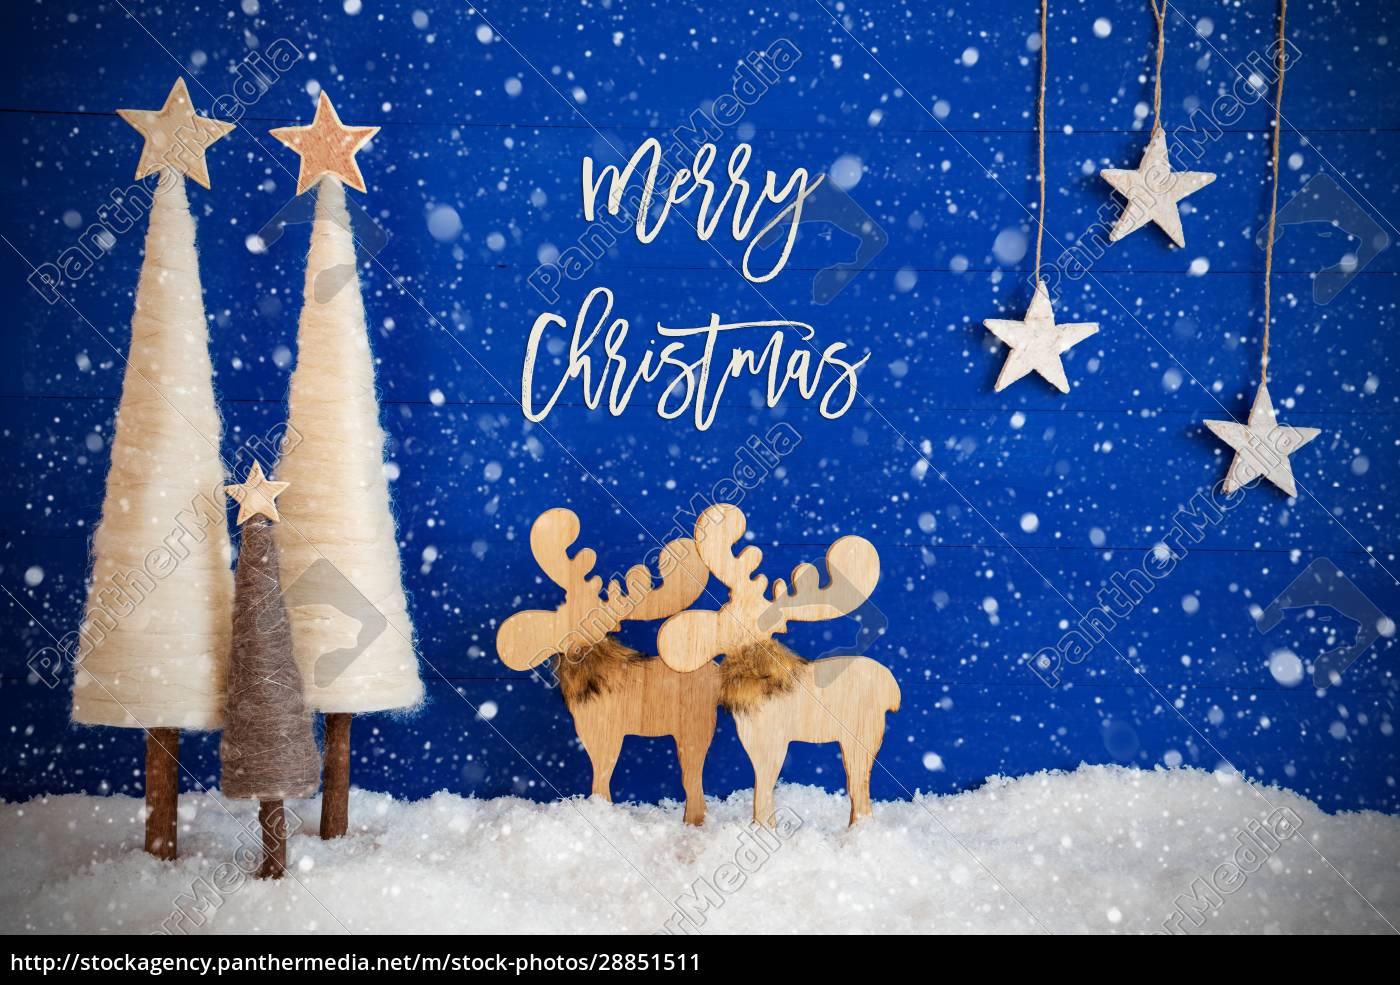 juletræ, elg, sne, stjerne, tekst, glædelig, jul, snefnug - 28851511